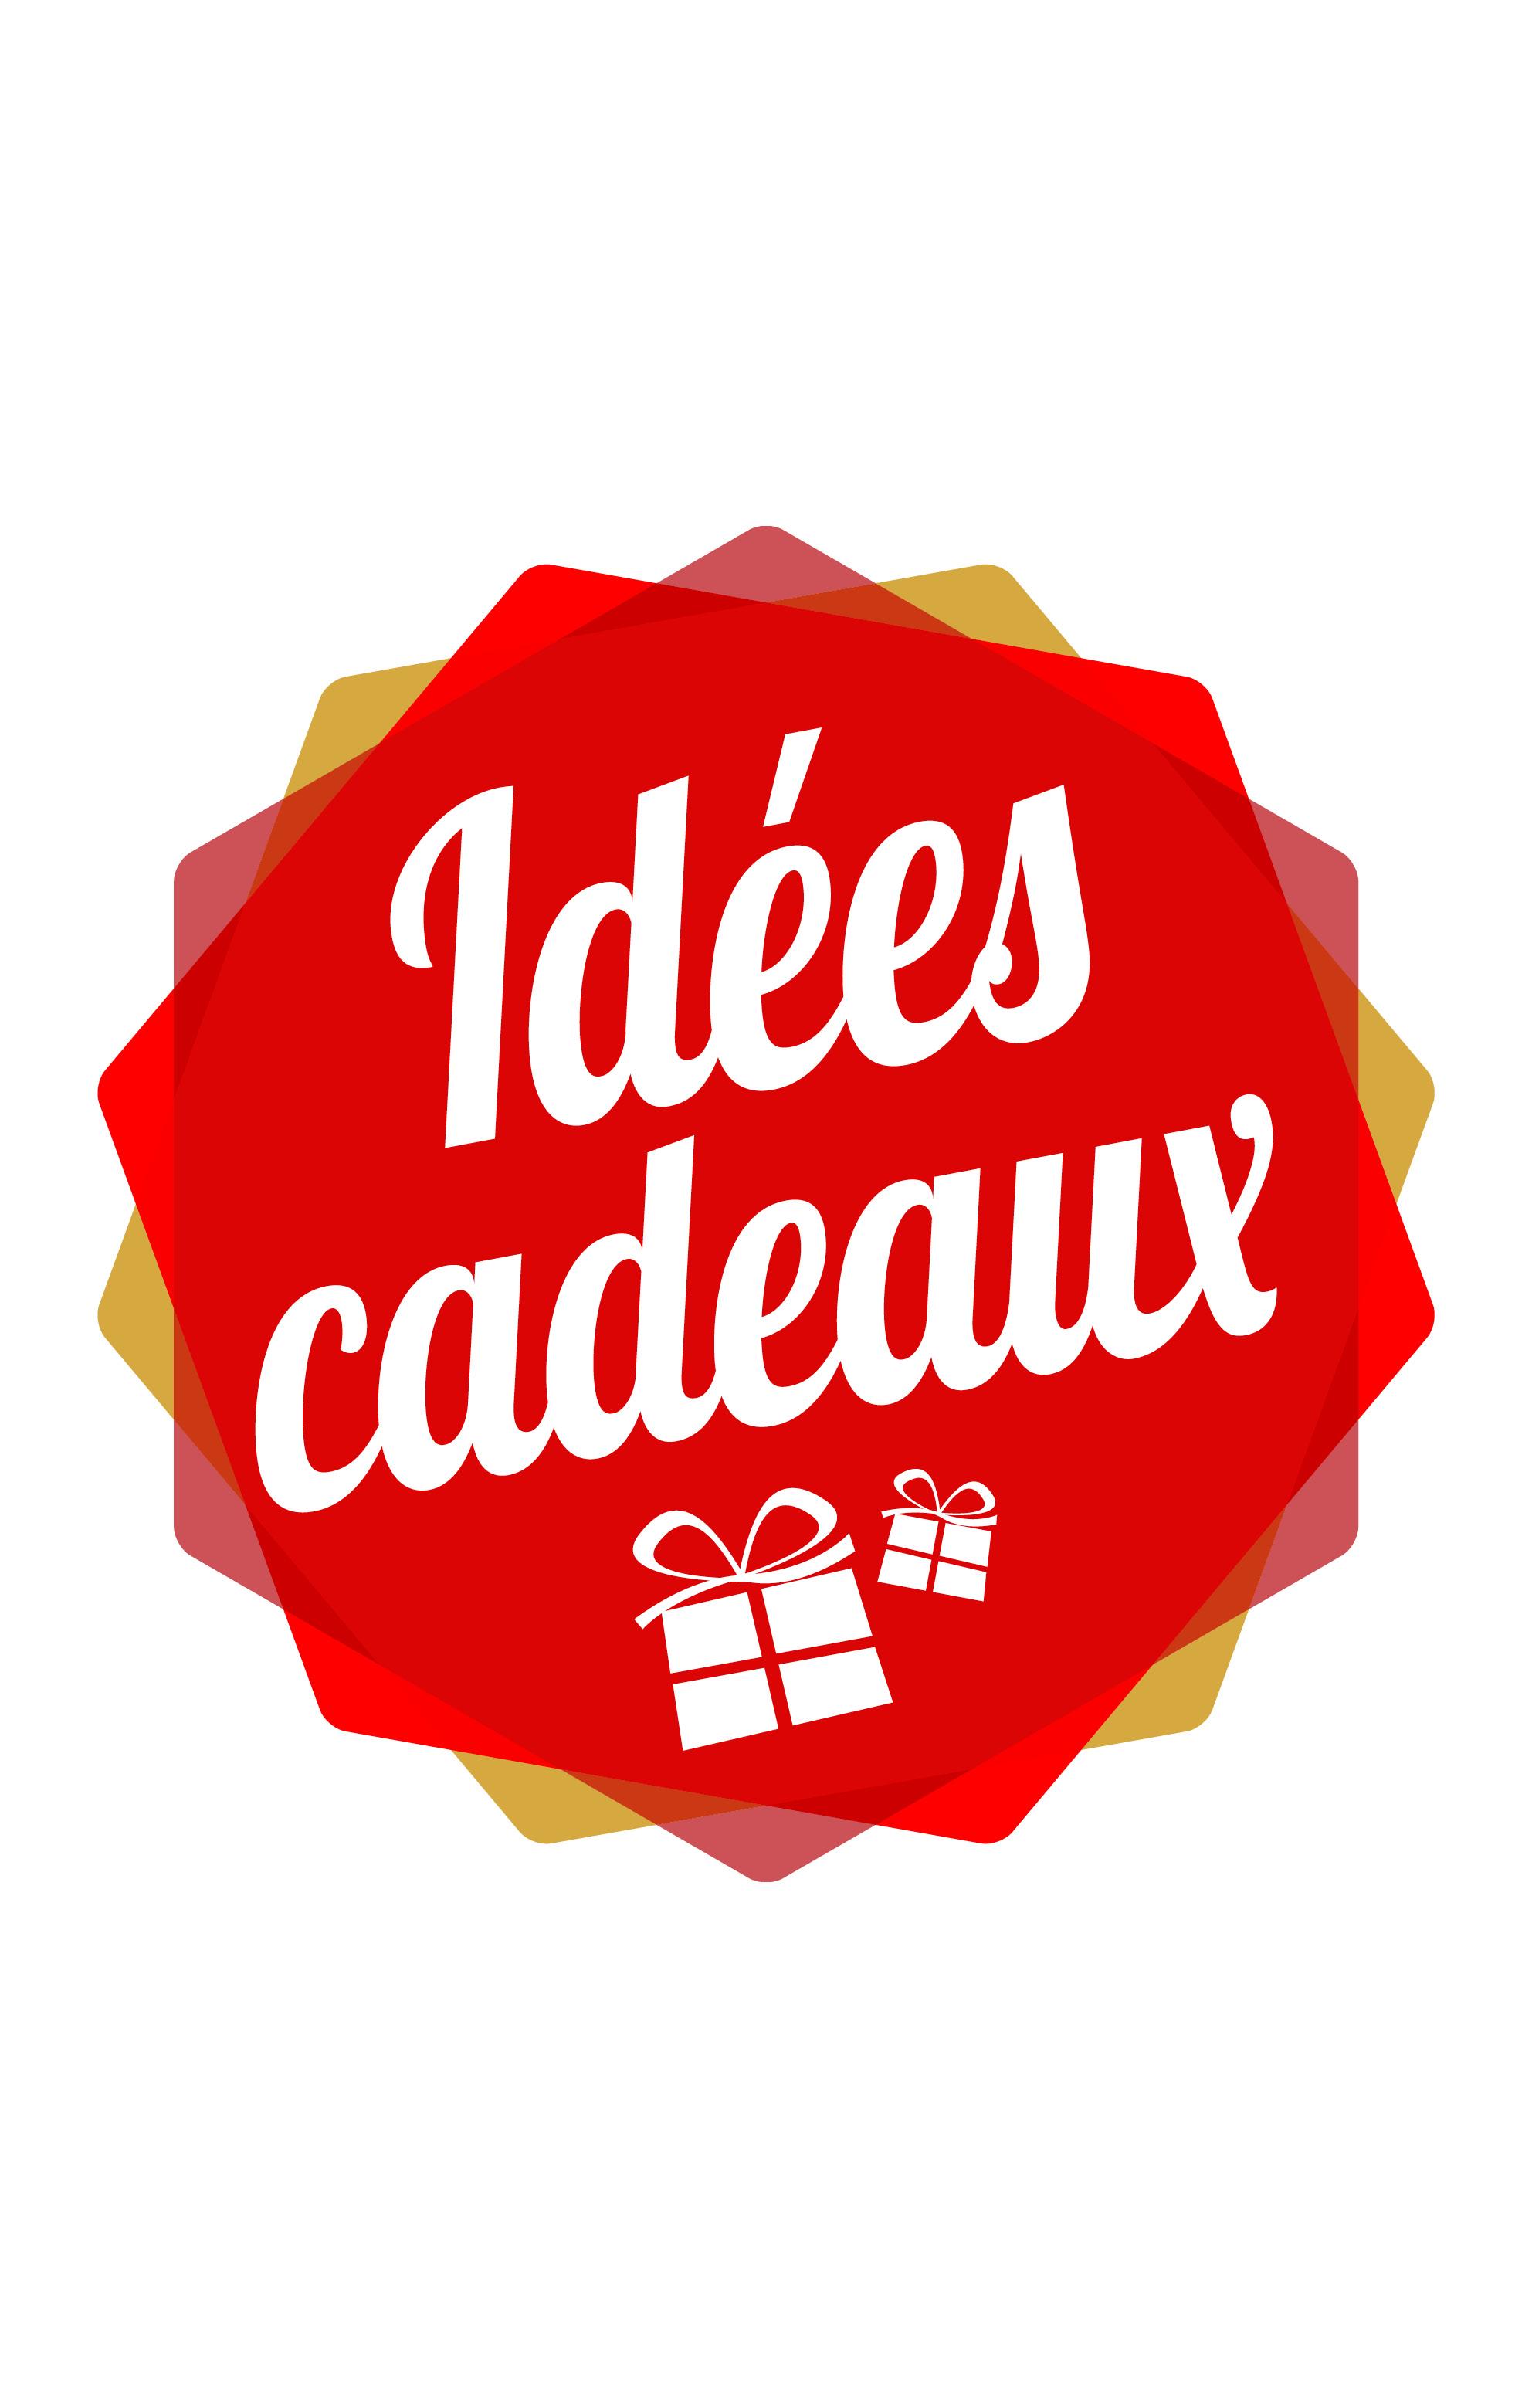 Idees cadeaux arts et voyages - Idee cadeau technologie ...